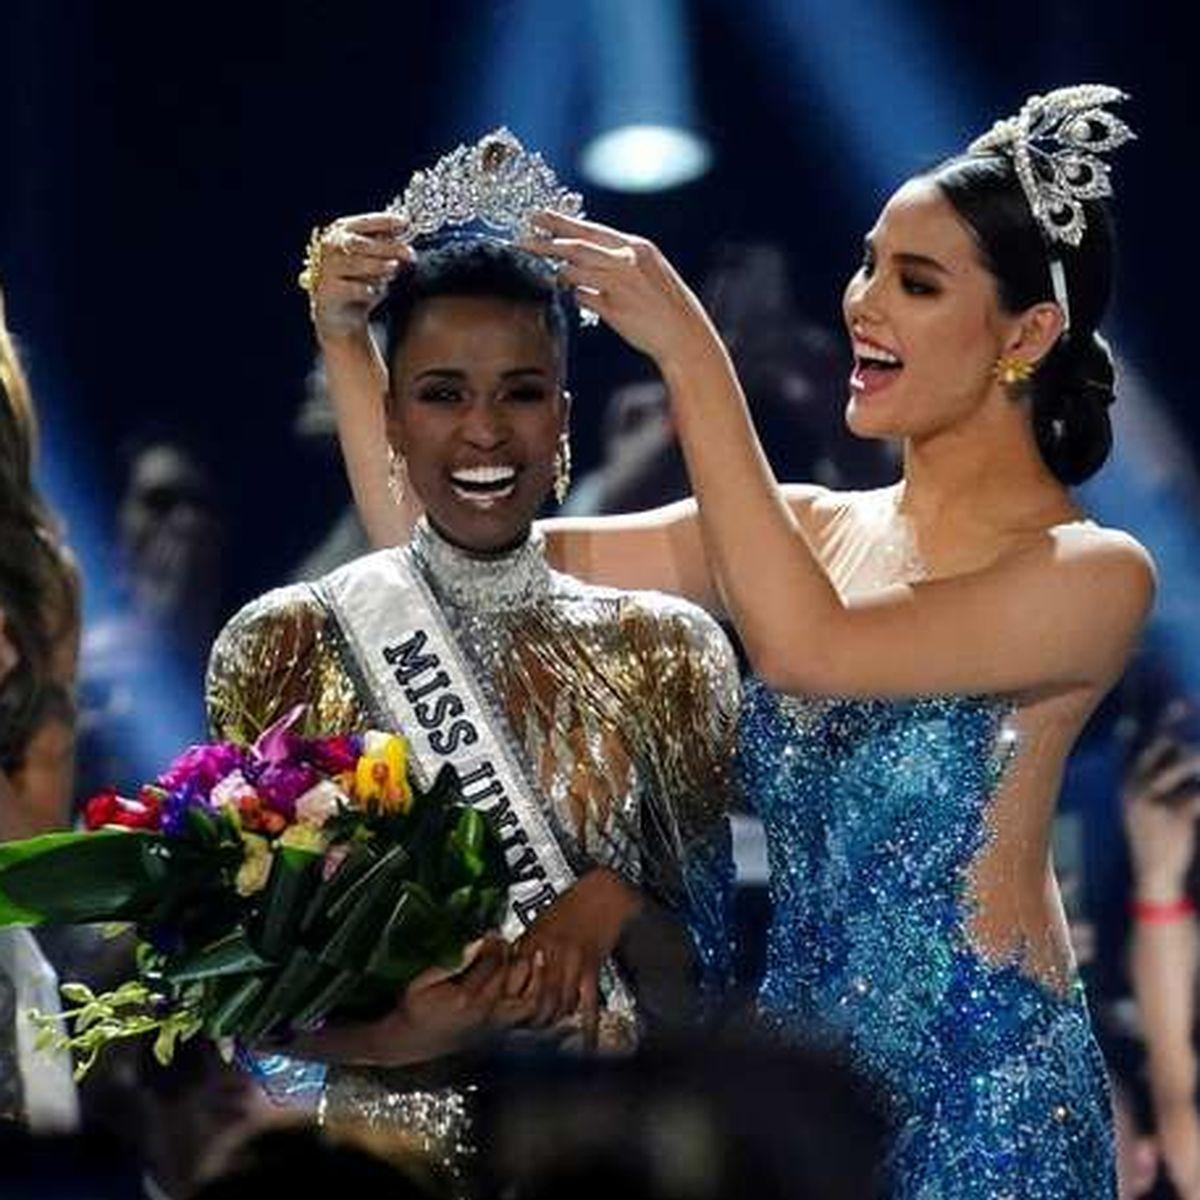 La sud-africaine Zozibini Tunzi rentre dans l'histoire du concours Miss Univers